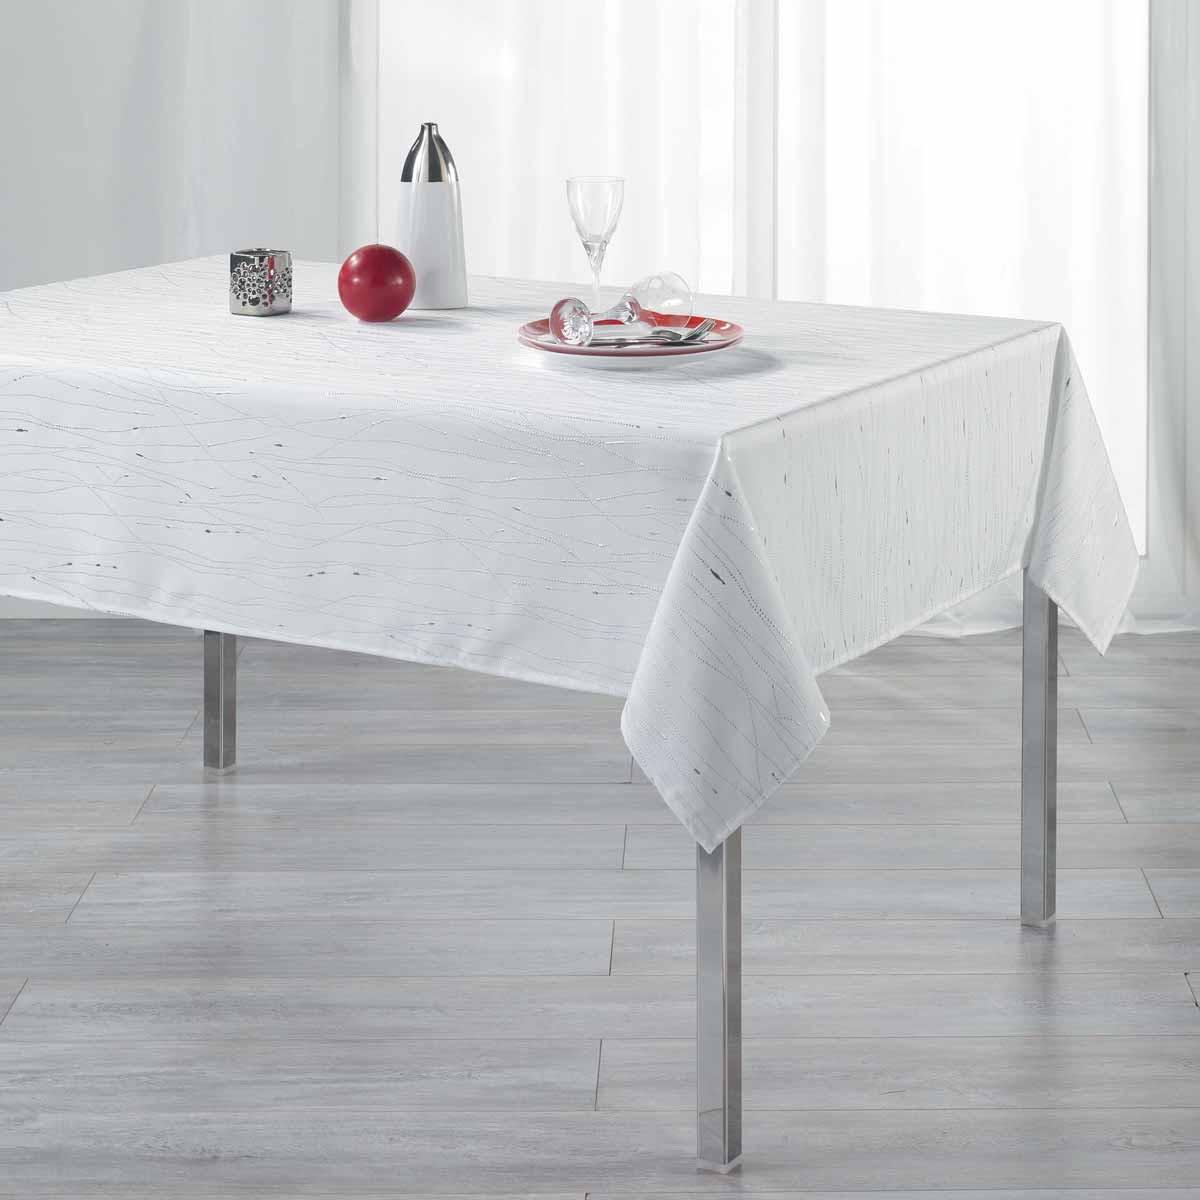 Αλέκιαστο Τραπεζομάντηλο (140×240) Filiane Blanc 1722216